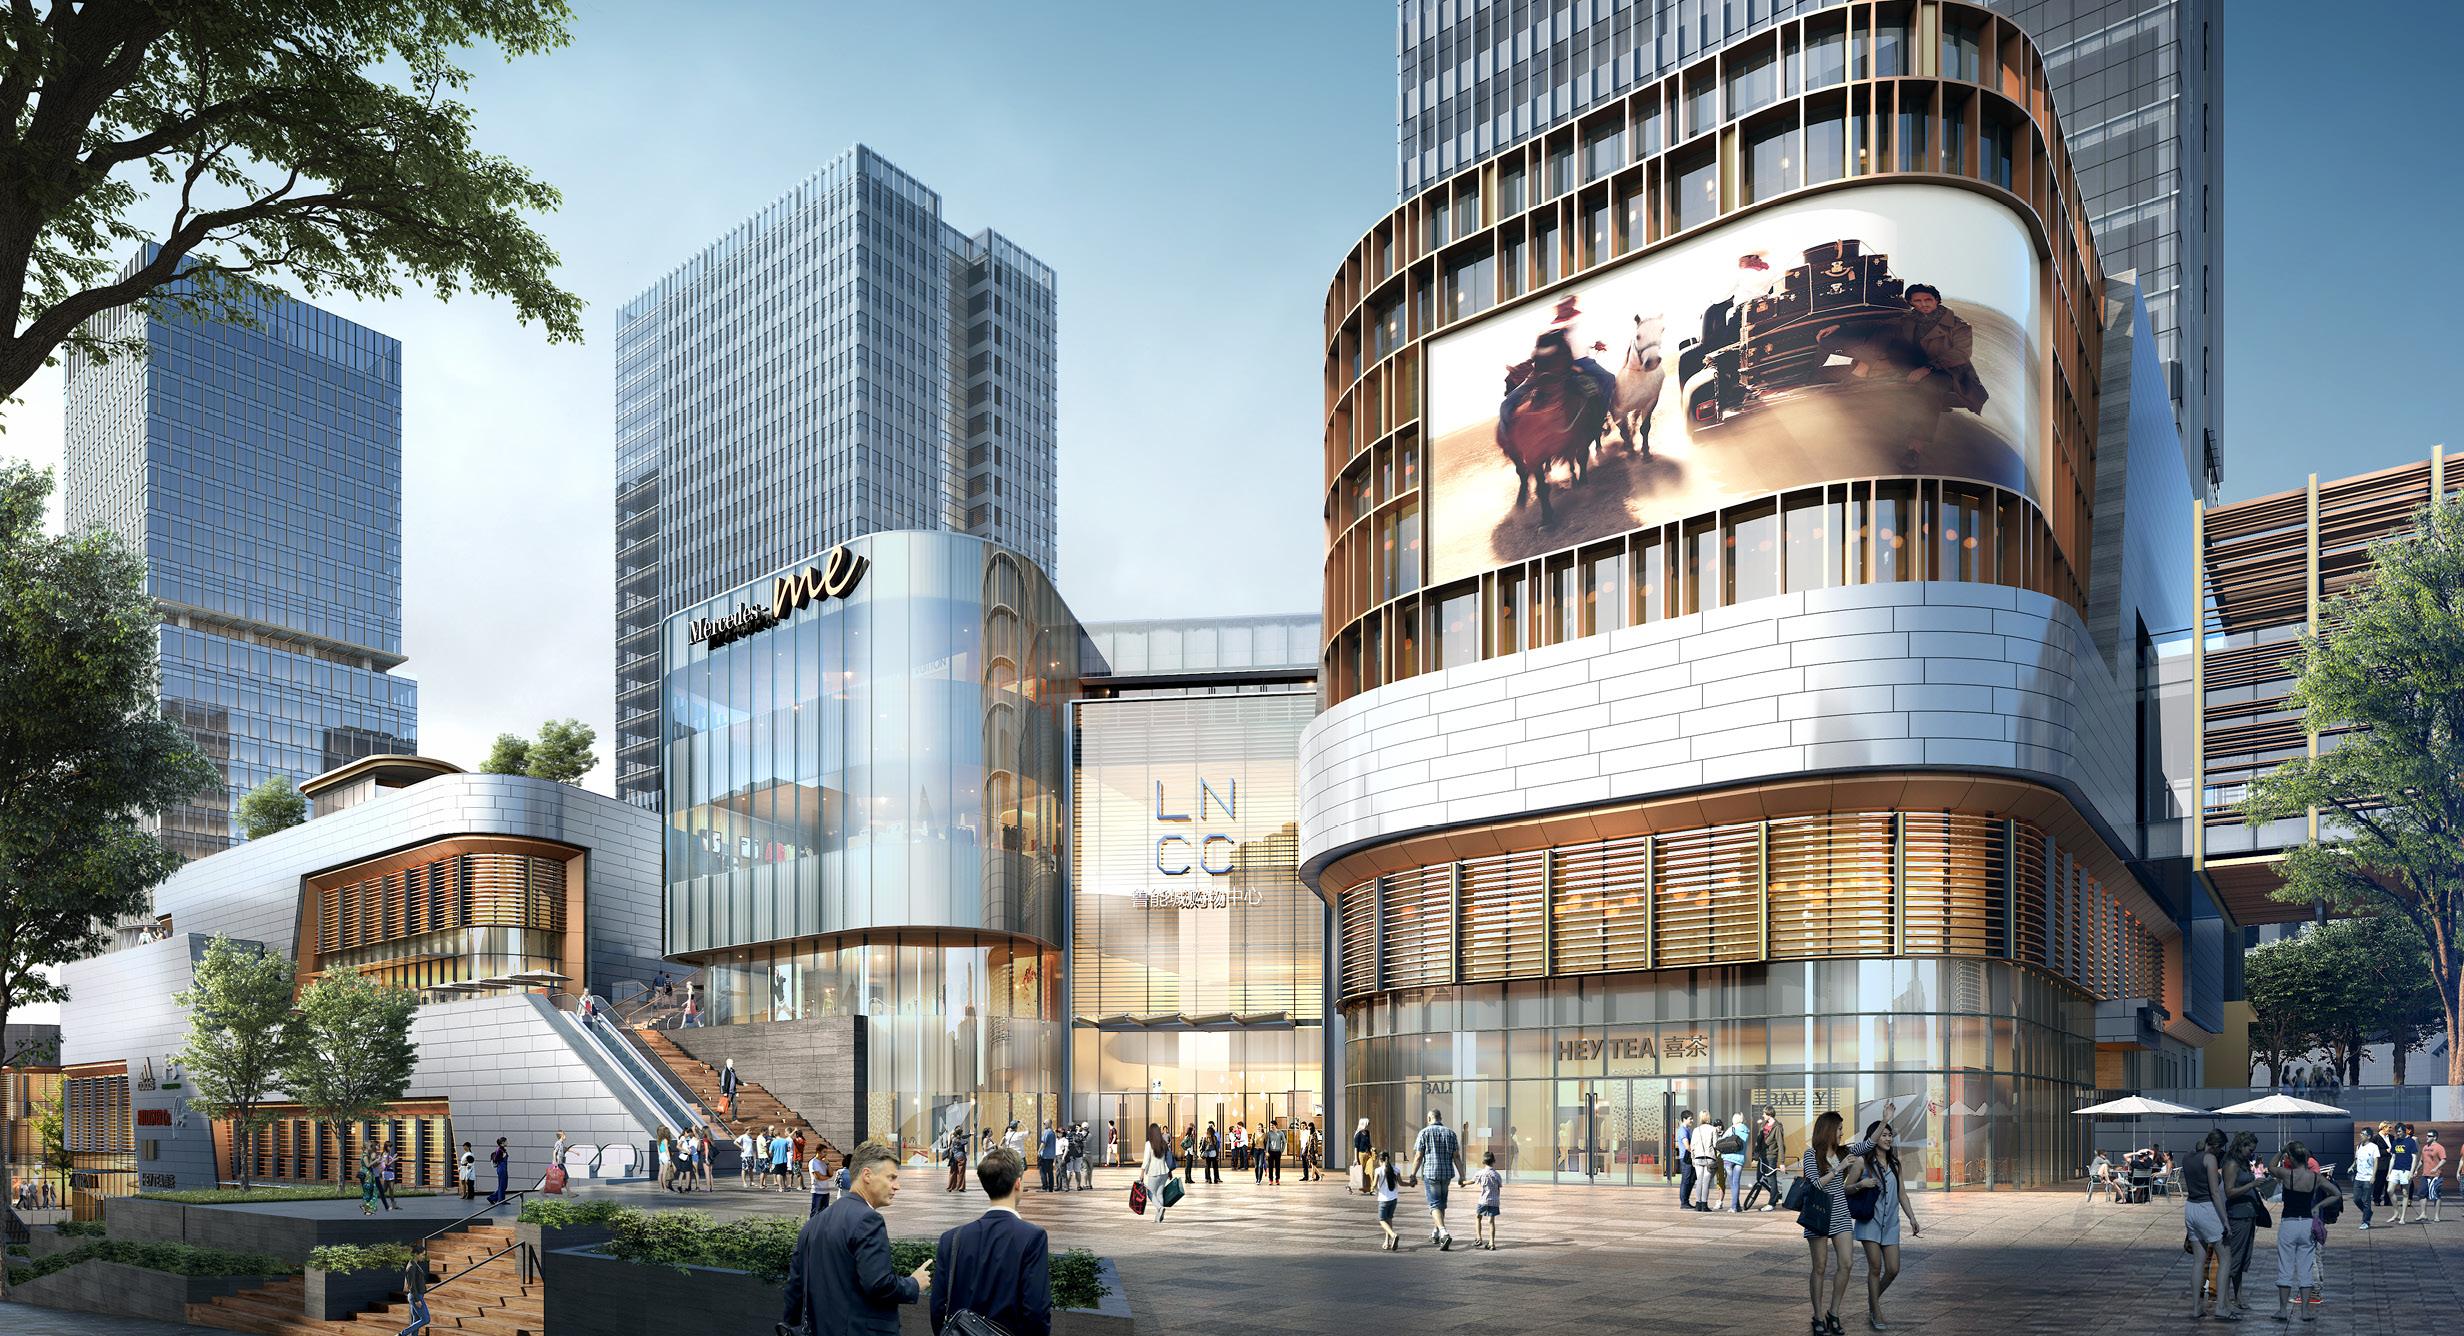 Chongqing Luneng City Phase III